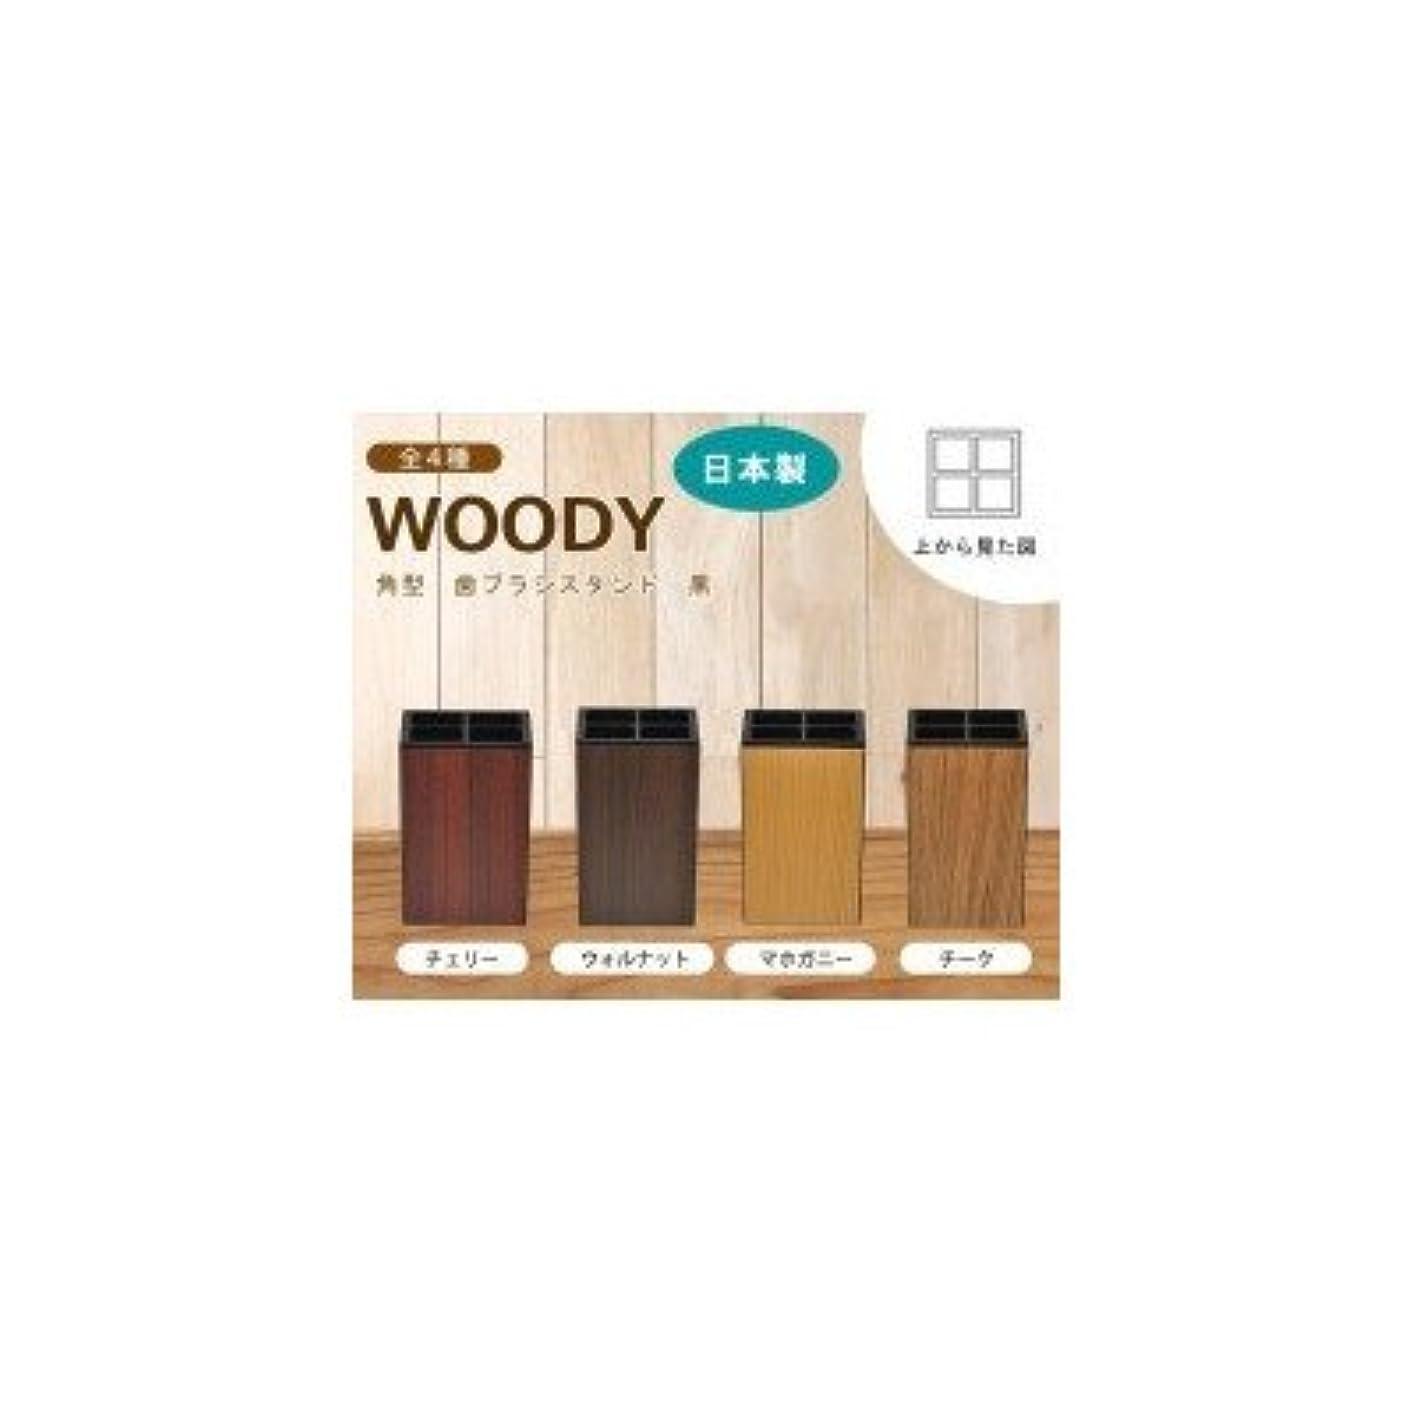 誕生日溢れんばかりの時期尚早日本製 WOODY ウッディ 角型 歯ブラシスタンド 黒 チーク?13-450369( 画像はイメージ画像です お届けの商品はチーク?13-450369のみとなります)